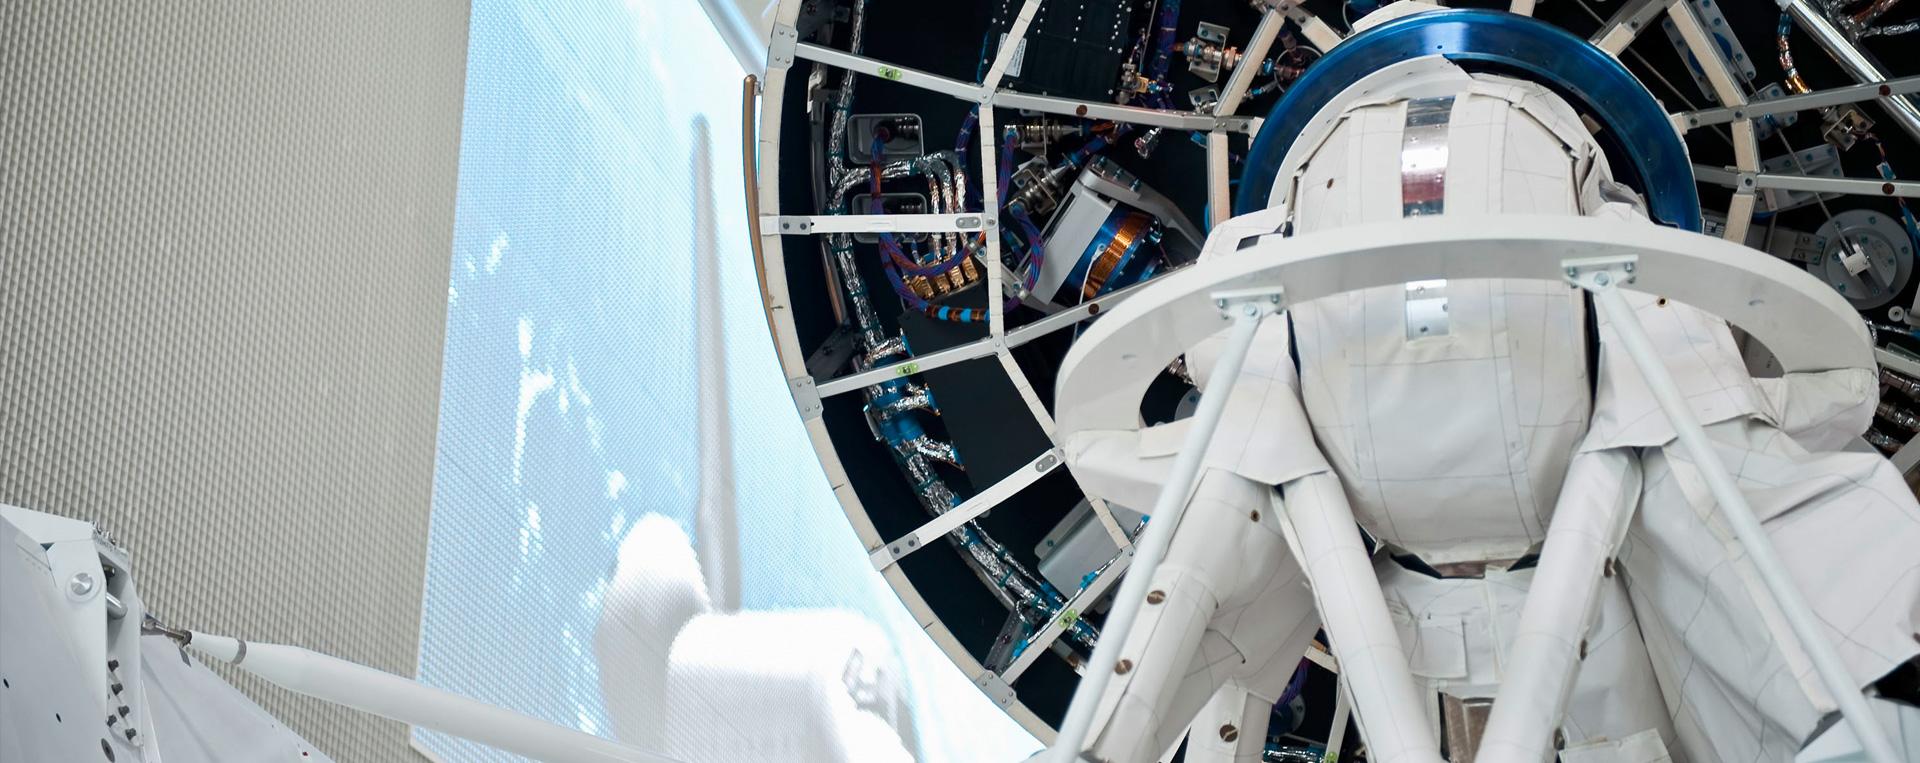 dornier-freundeskreis-satellit